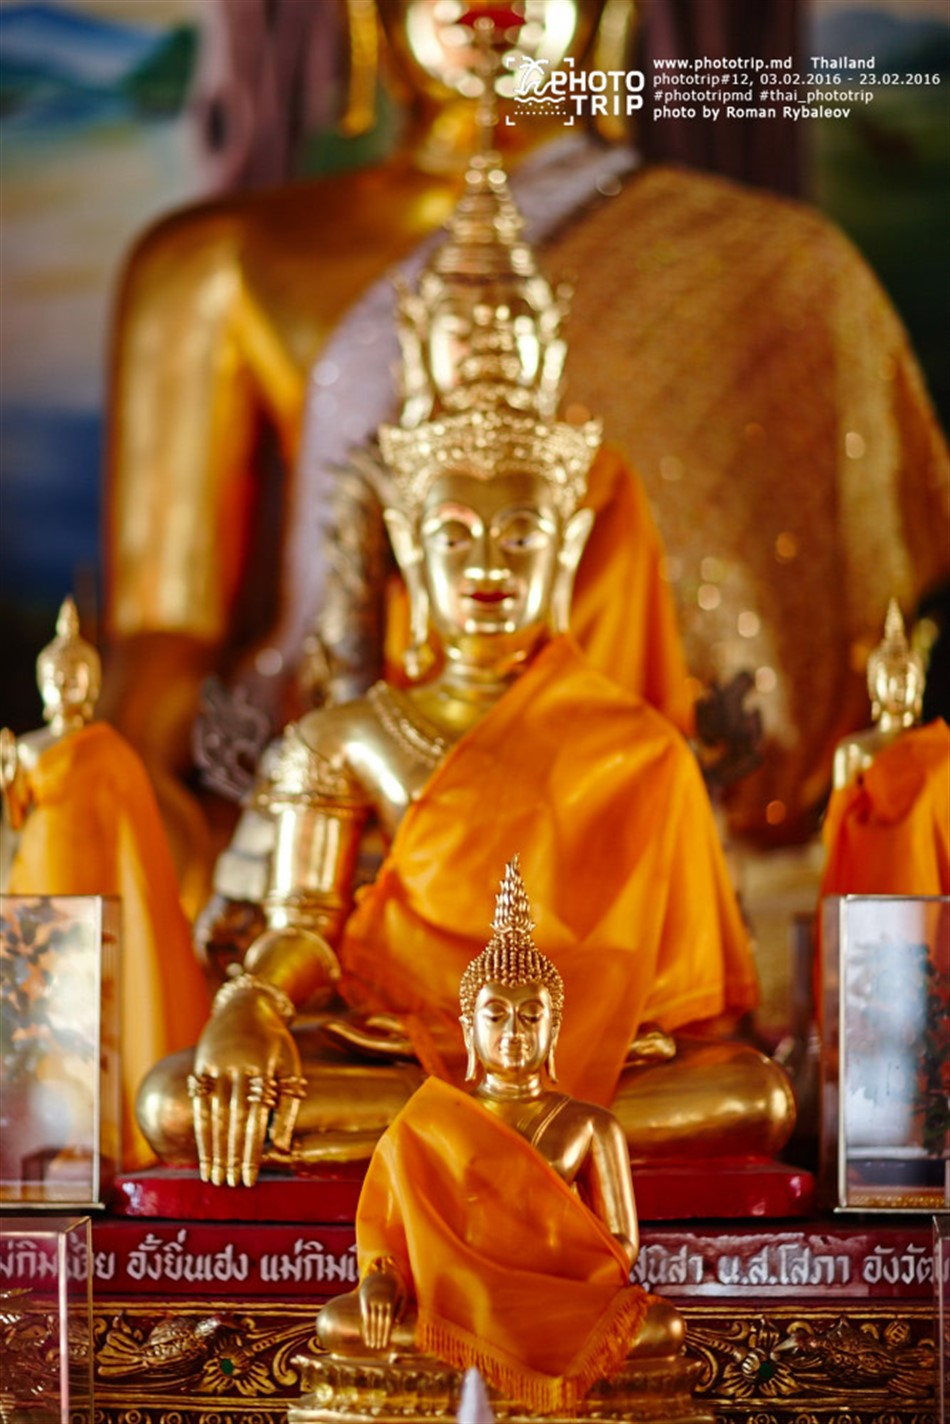 thailand2016_part3_044_950x1424